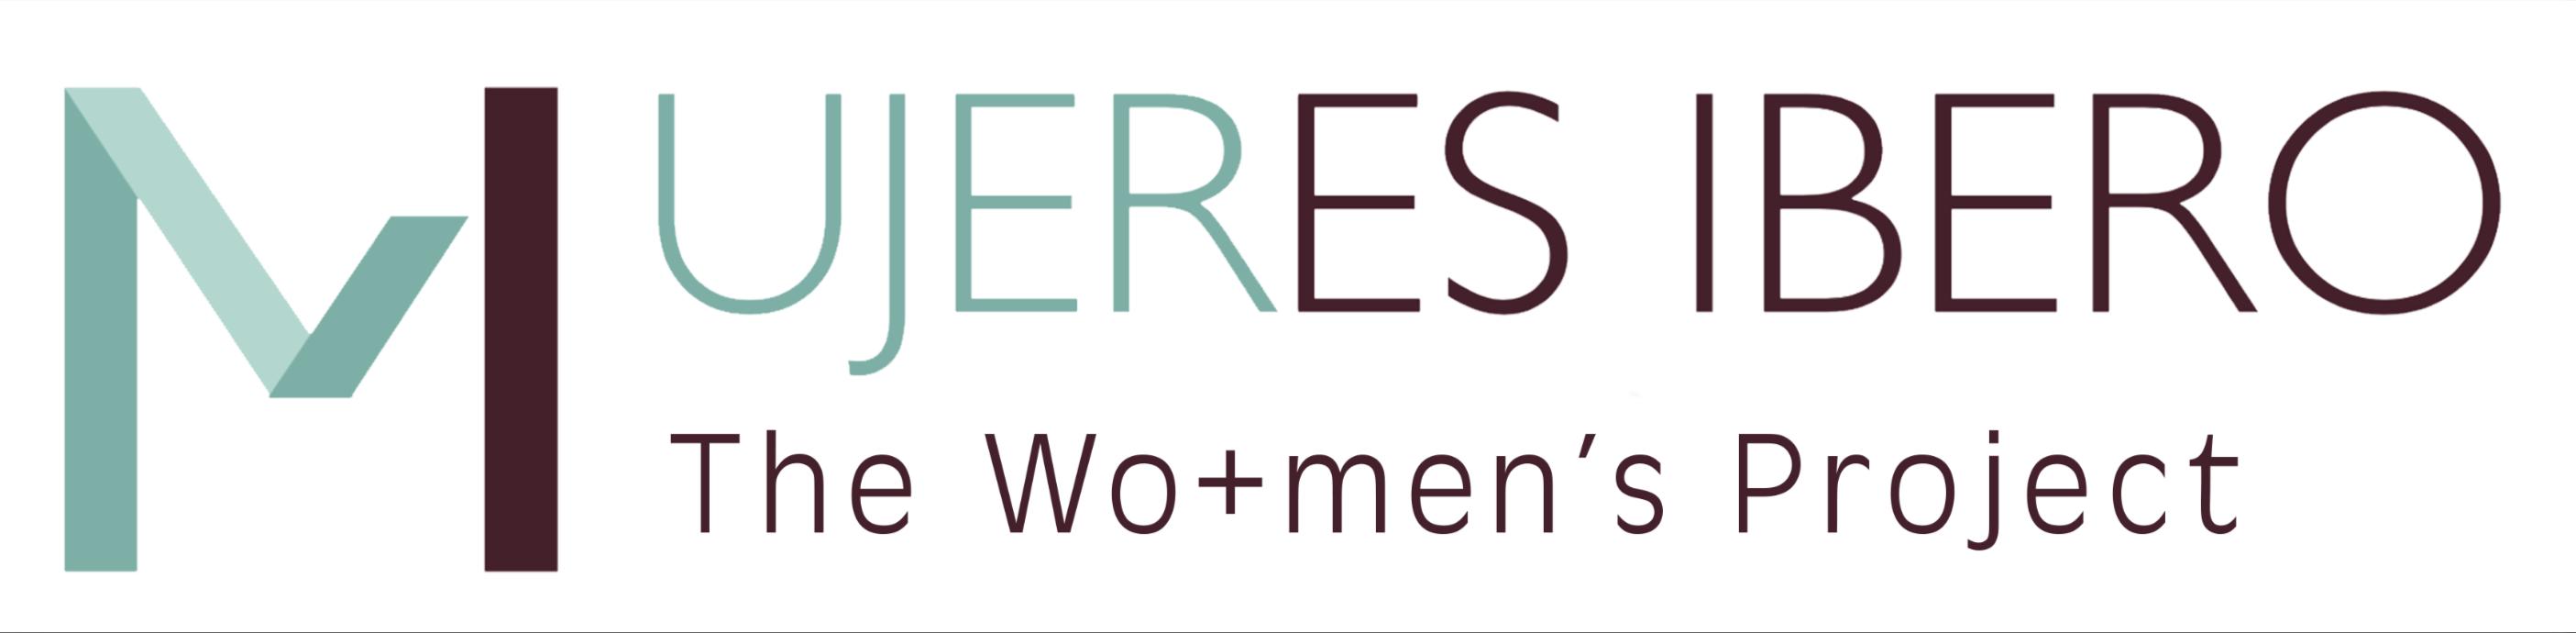 Mujeres unidas por la igualdad de derechos económicos